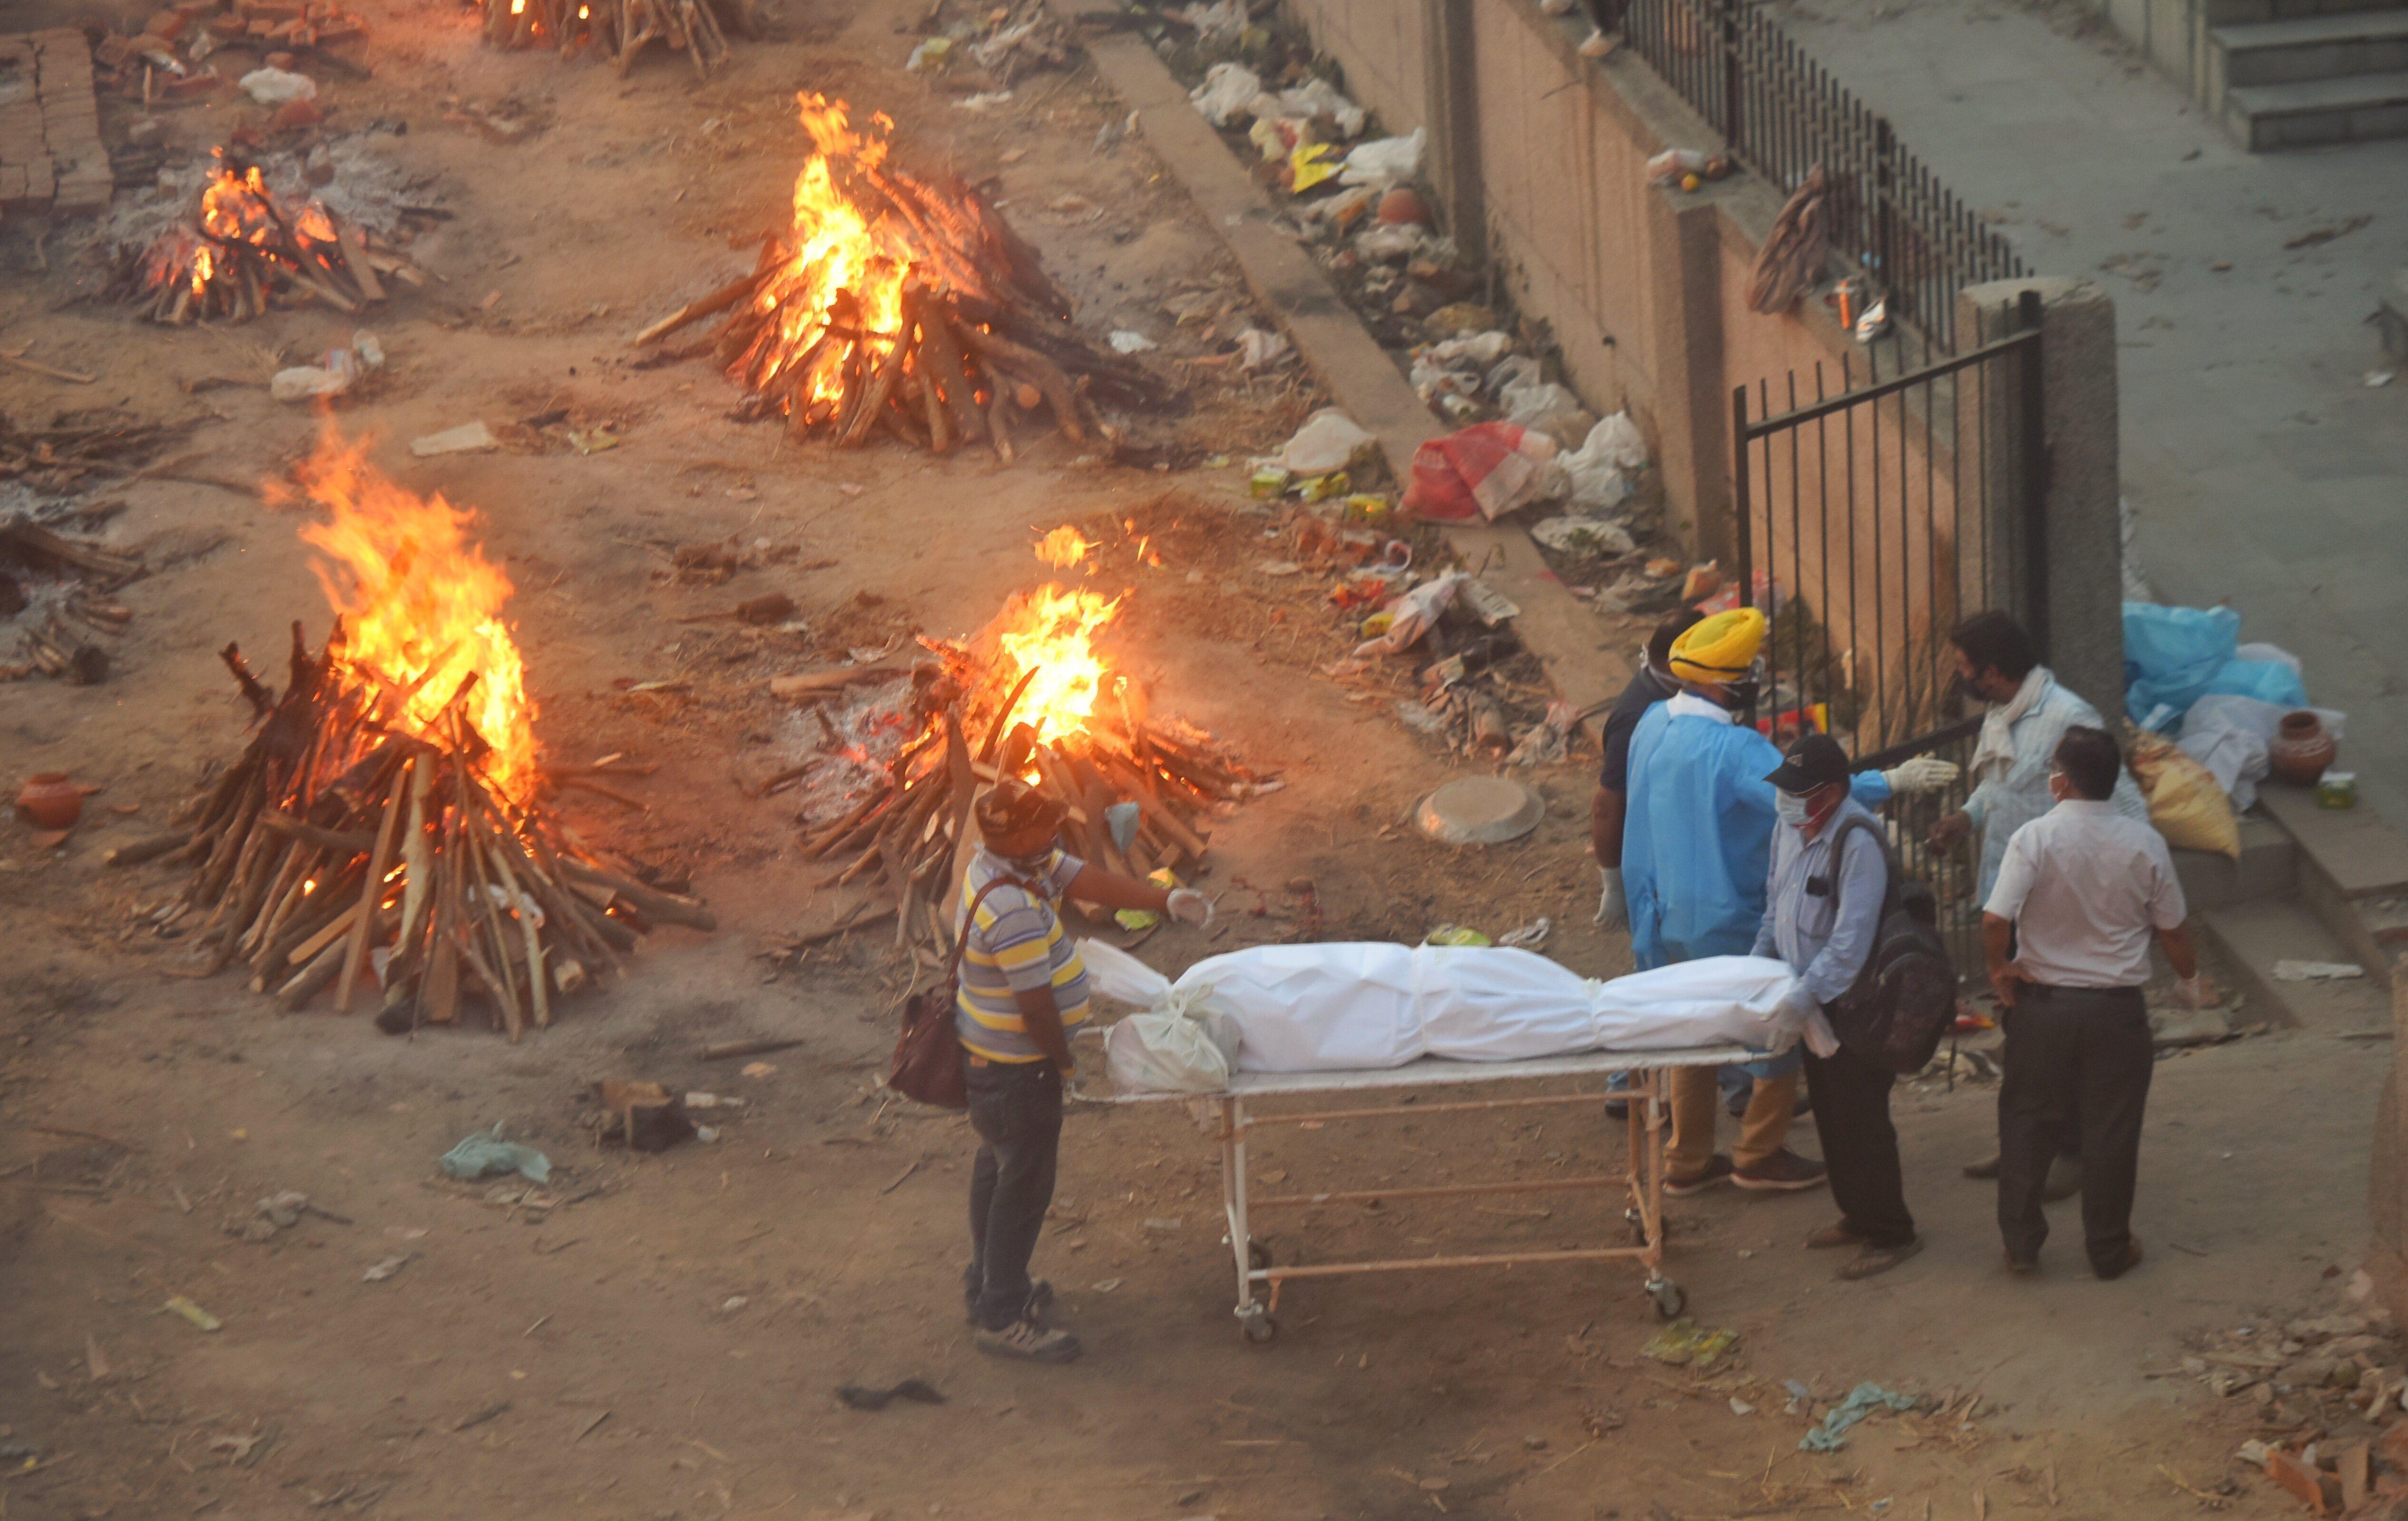 NEW DELHI, INDIA - APRIl 23: COVID-19 victims being cremated at Seemapuri crematorium, on April 23, 2021 in New Delhi, India.